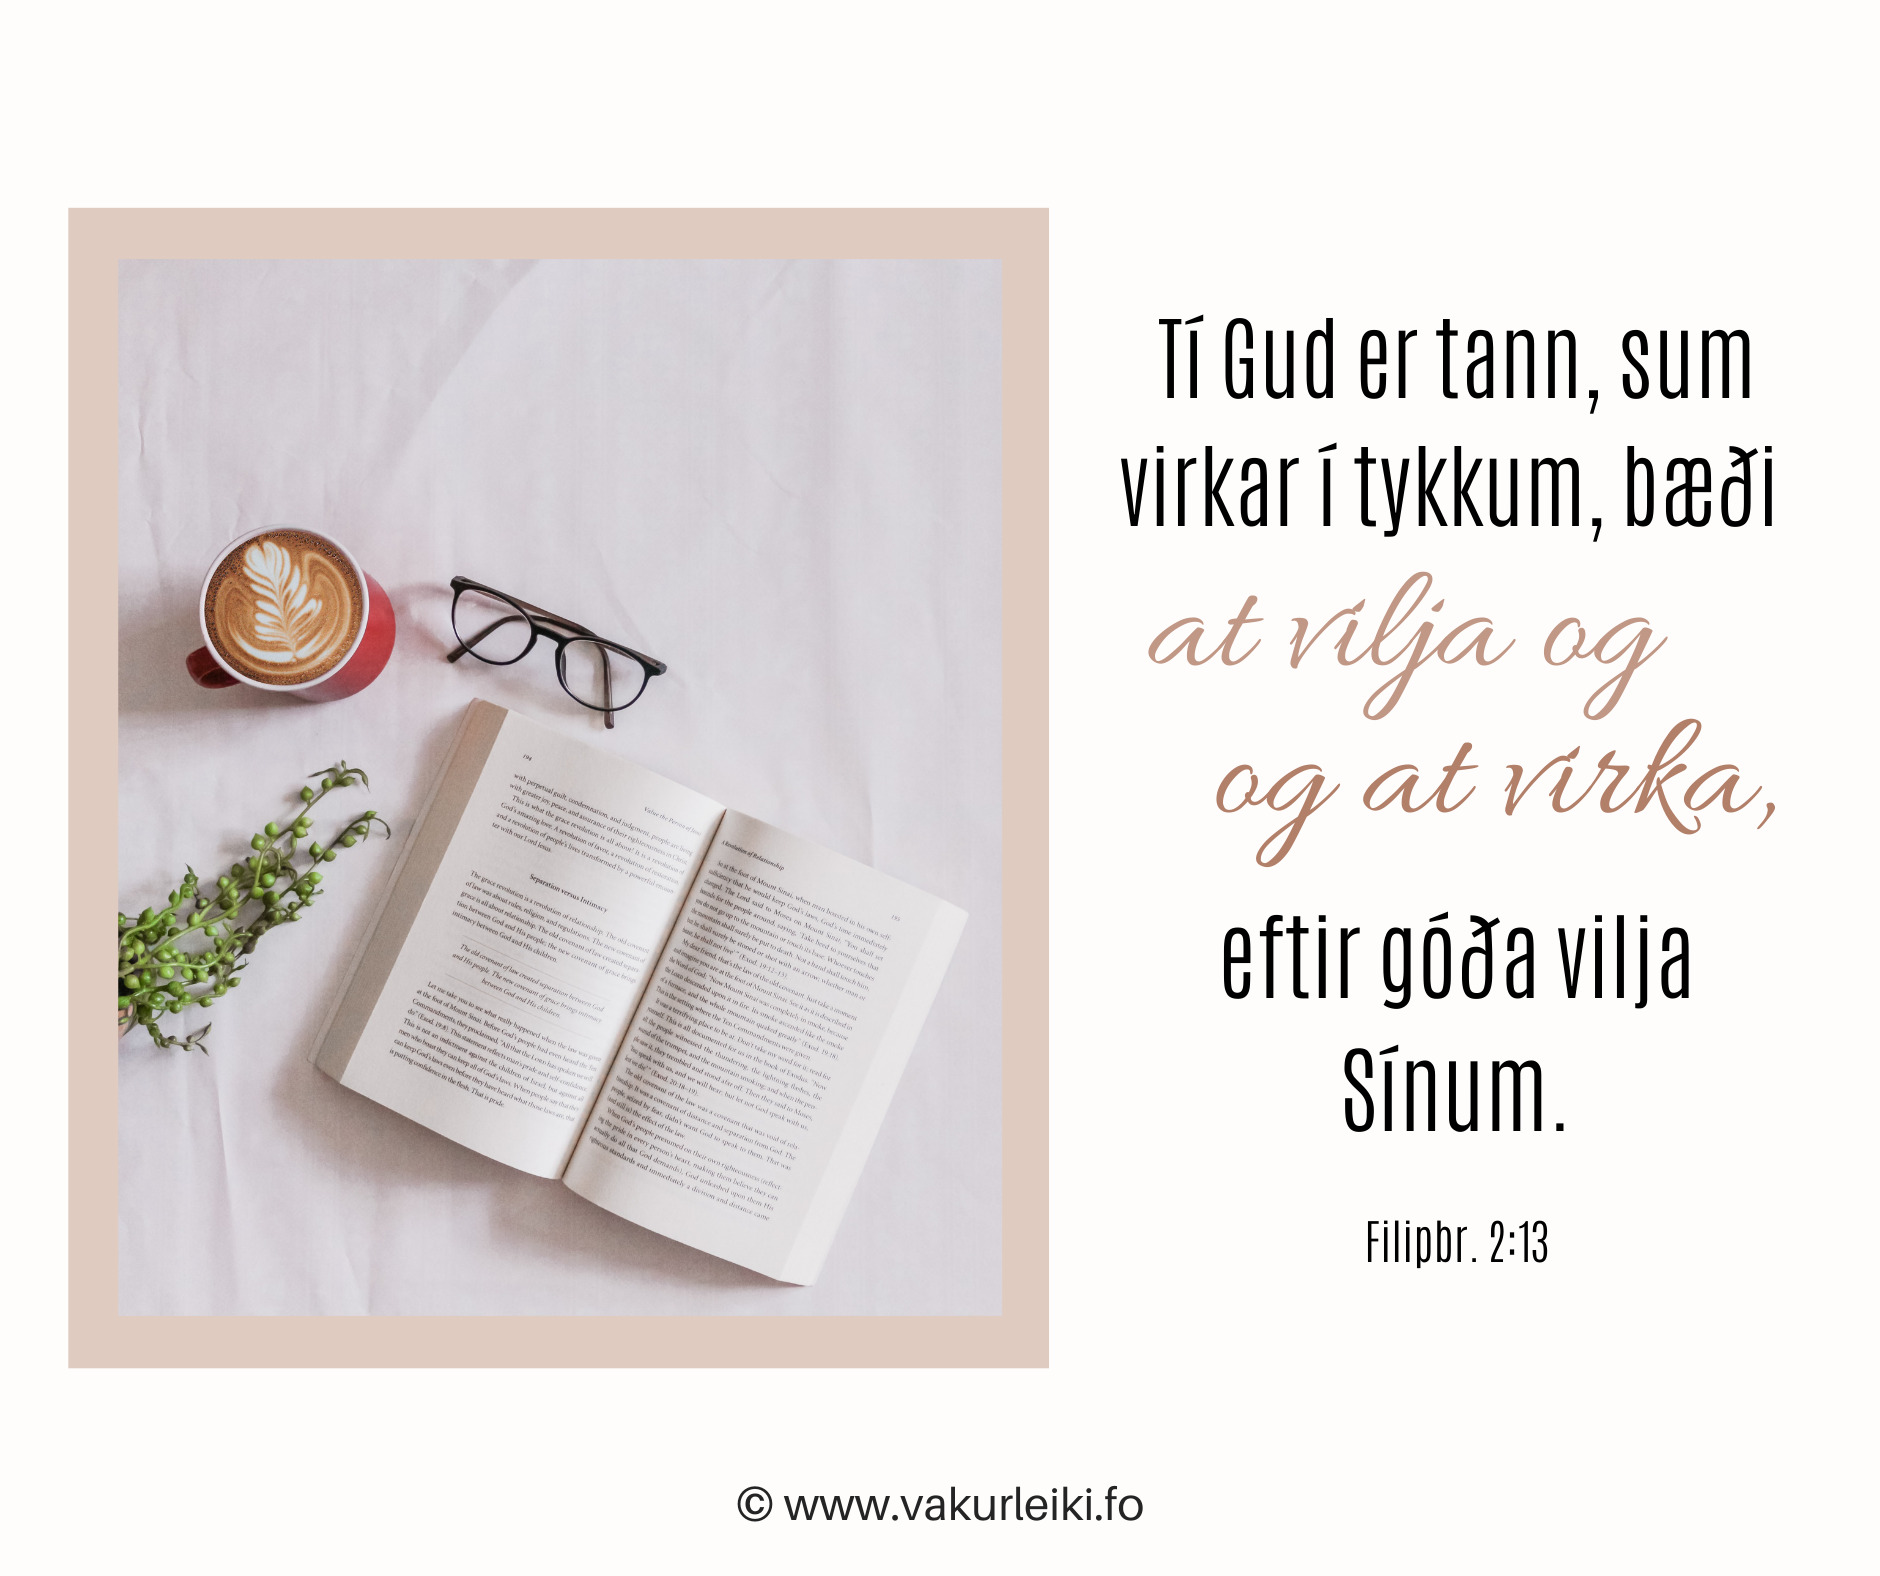 Er tað ikki strævið at vera trúgvandi? Nógvir reglar? Hvussu fær ein kristin motivatión at liva kristna lívið?